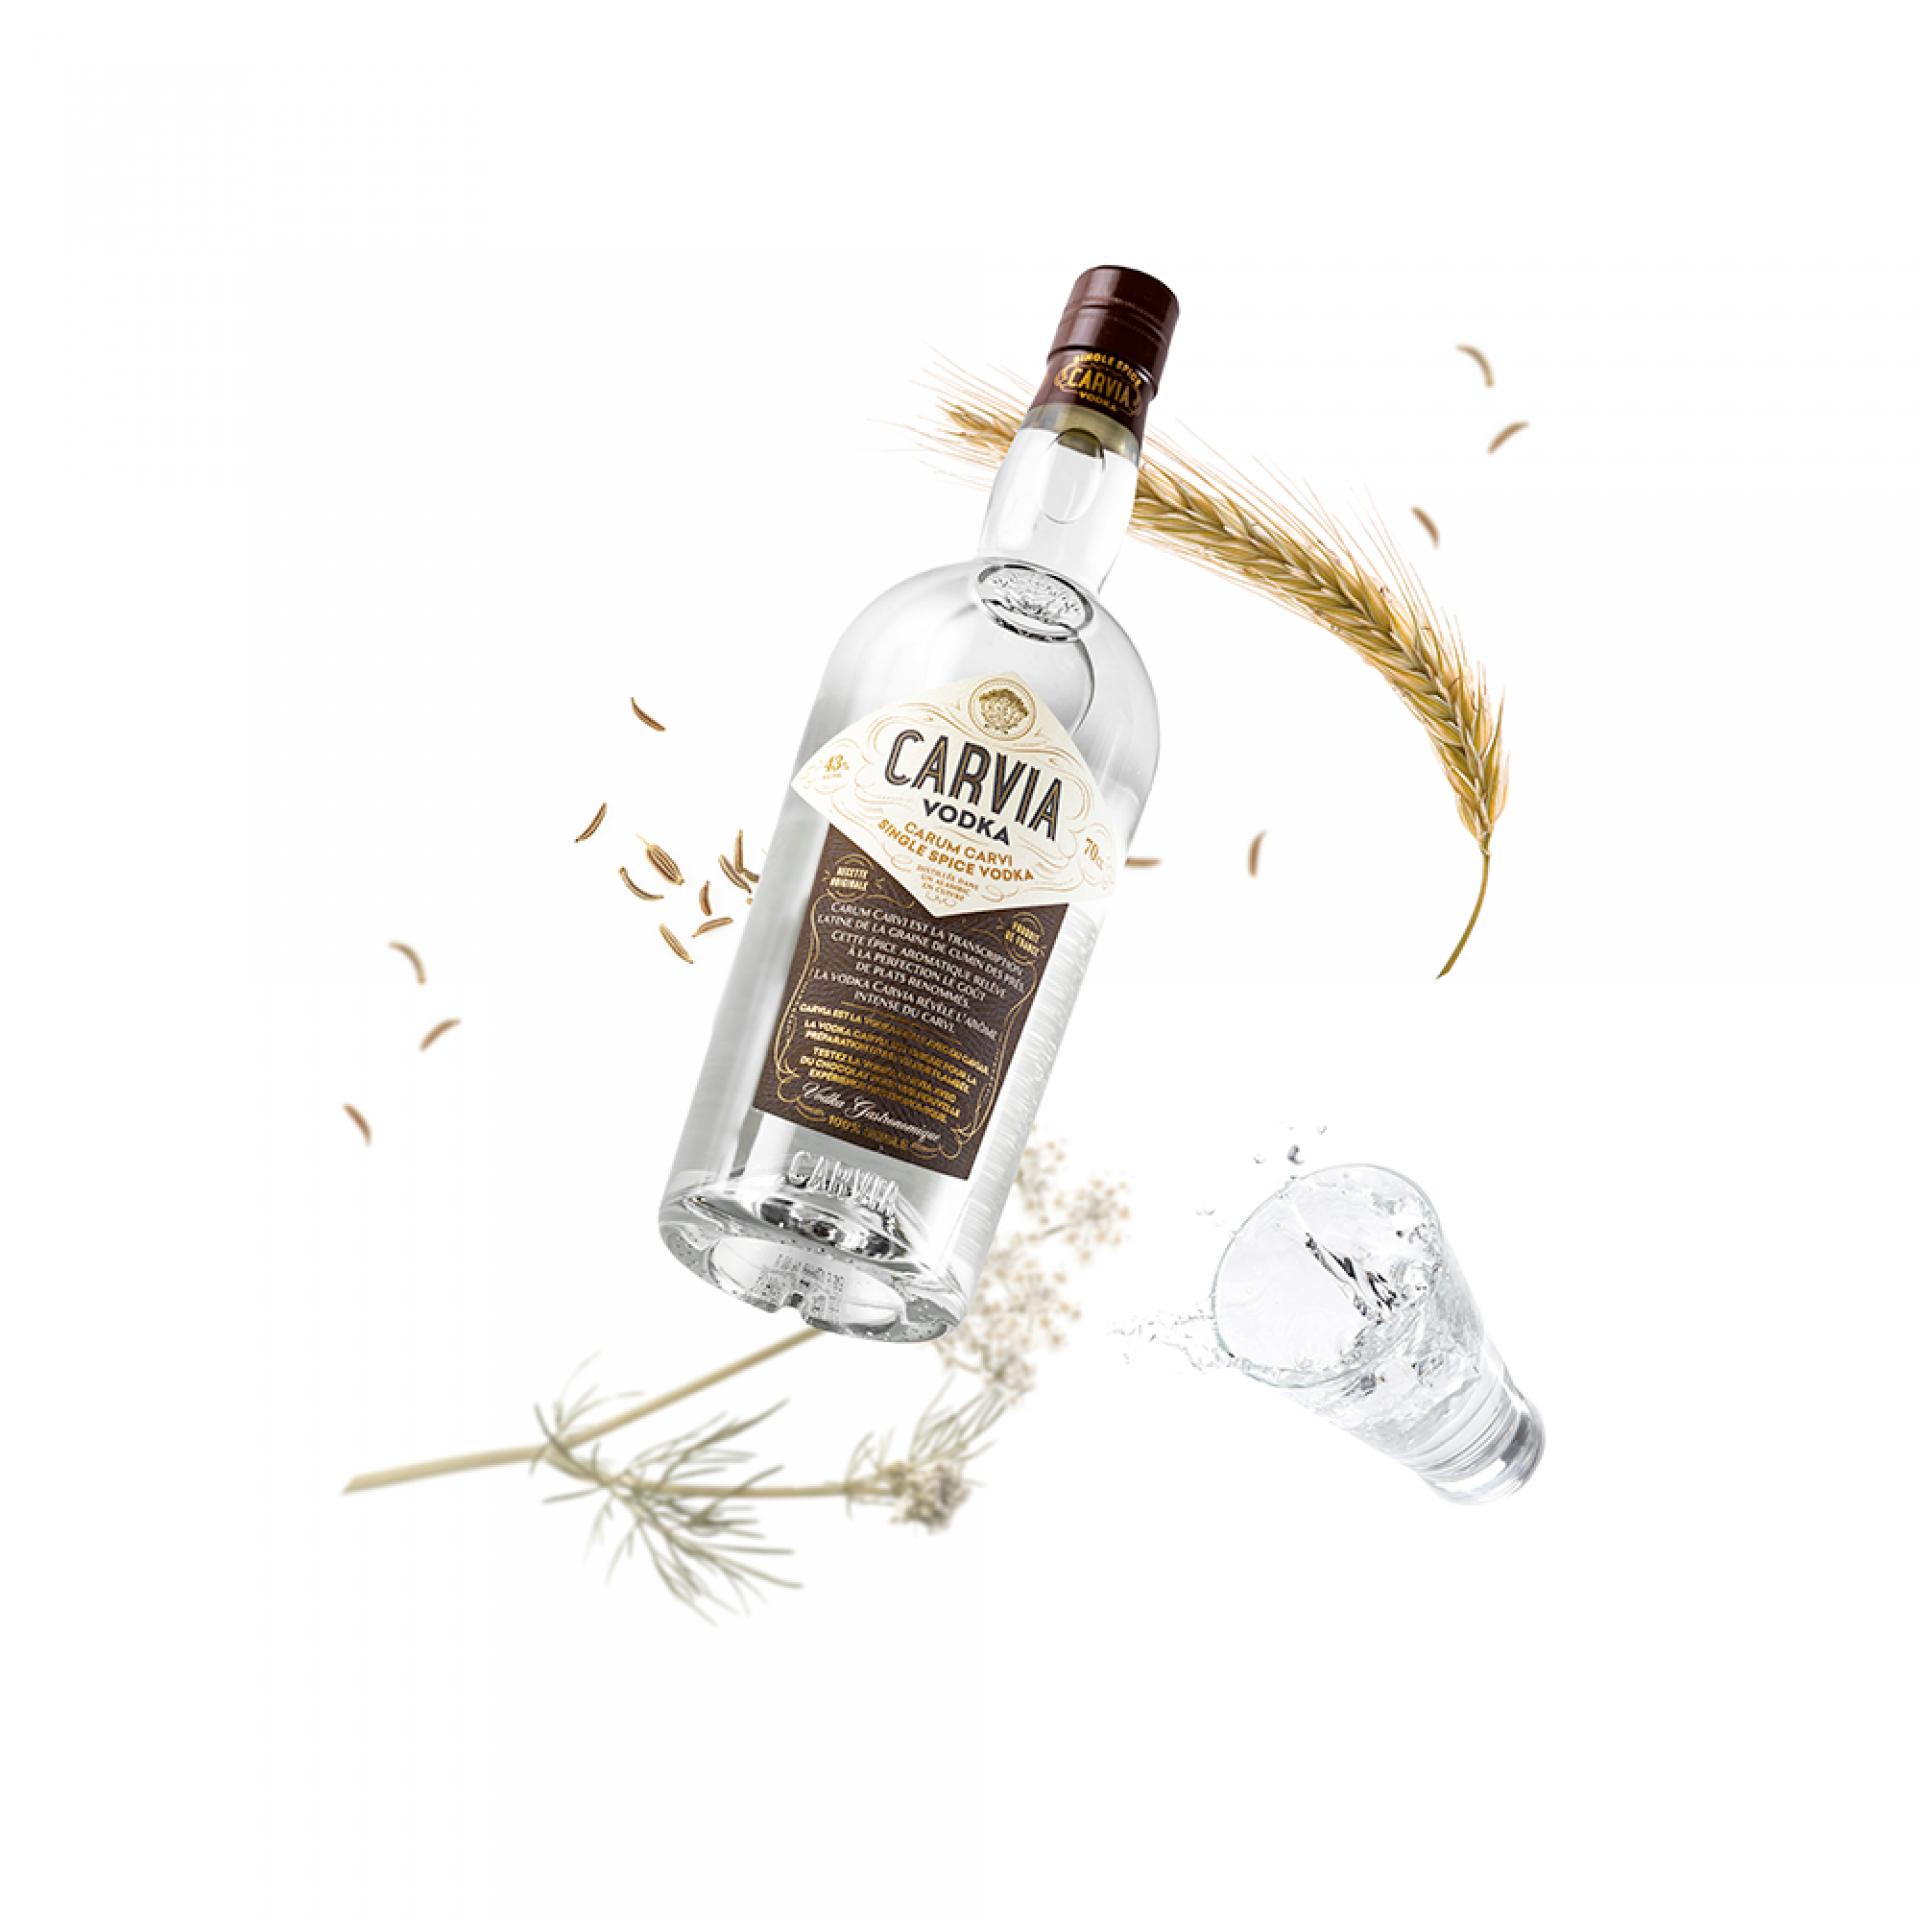 vodka-carvia-spirit-beauties